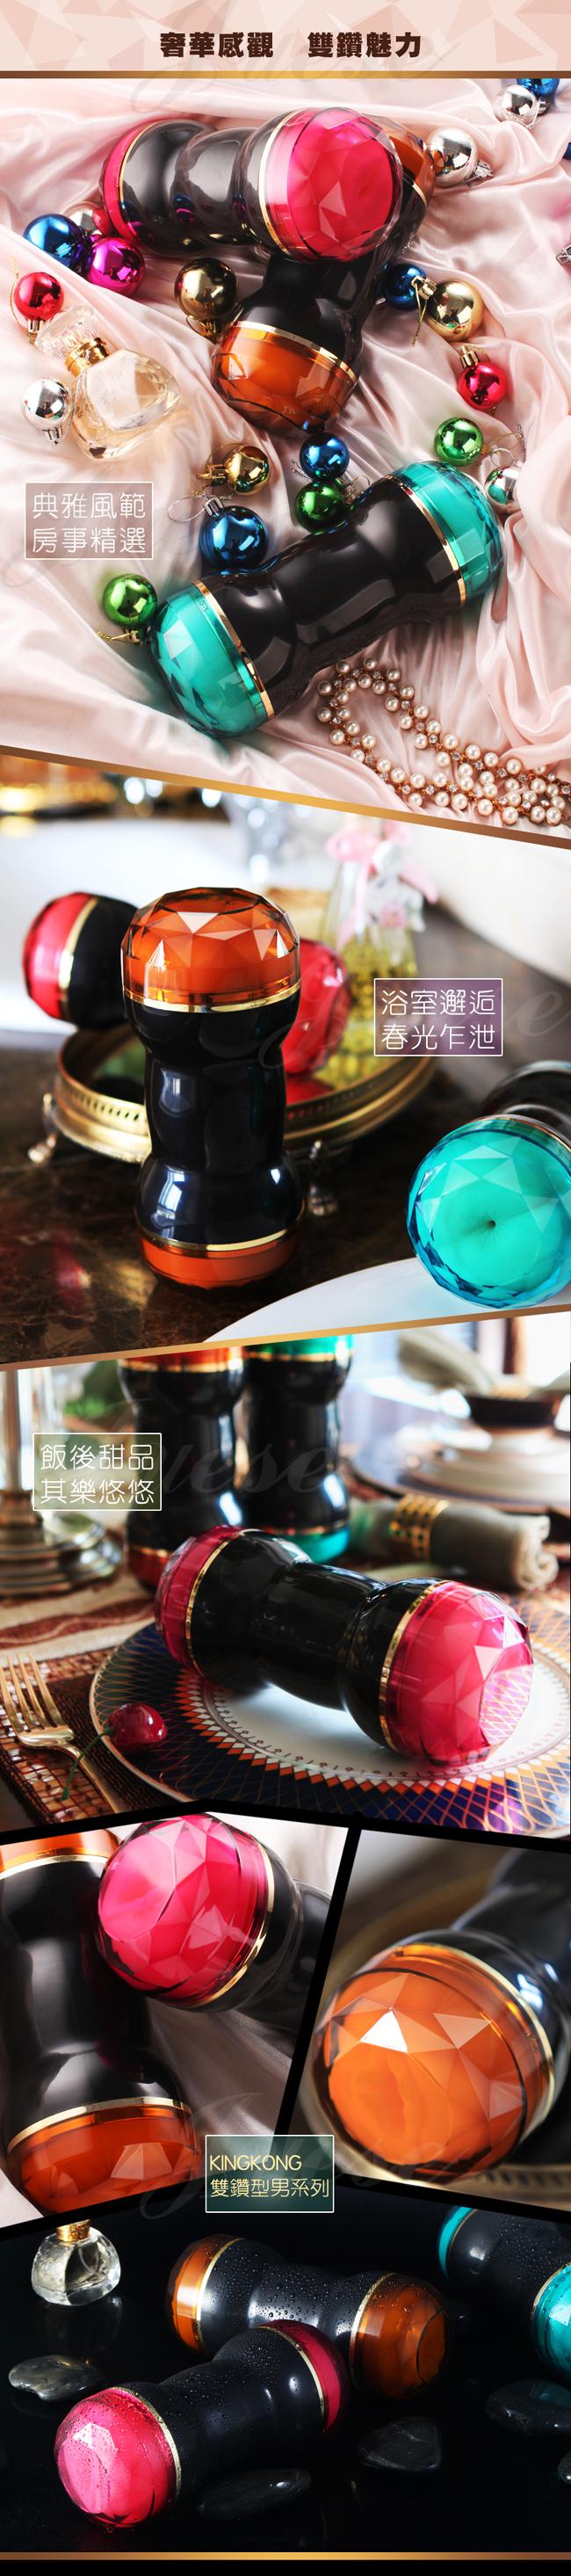 附圖3-(門市熱賣中)Mr.Swan情趣玩家推薦!!打敗傳統式飛機杯~超強緊緻爽翻天~日本RENDS-雙鑽型雙穴超爽飛機自慰杯(嘴唇+肛門)-海洋藍鑽(內有開箱文)